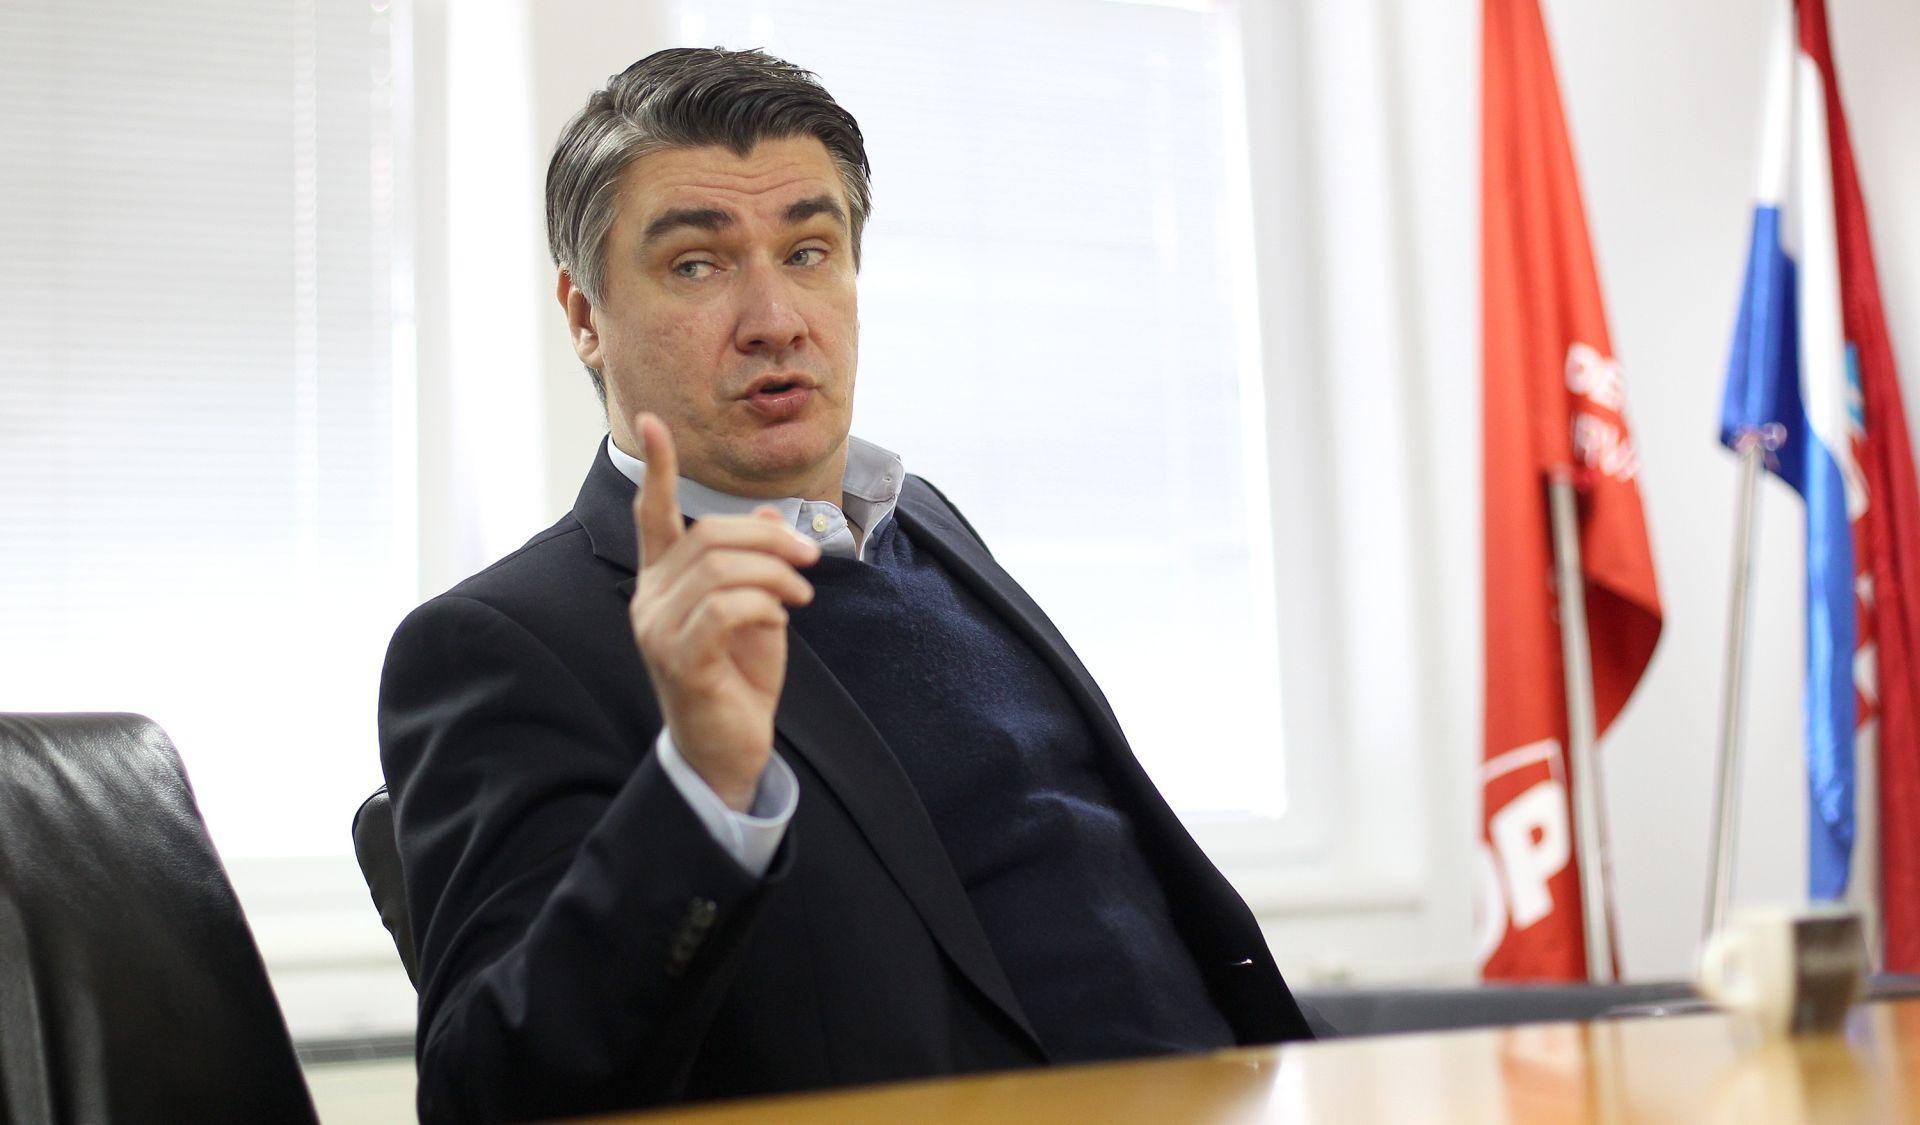 Milanović: O odnosima sa Srbijom ne bih polemizirao poput HDZ-a